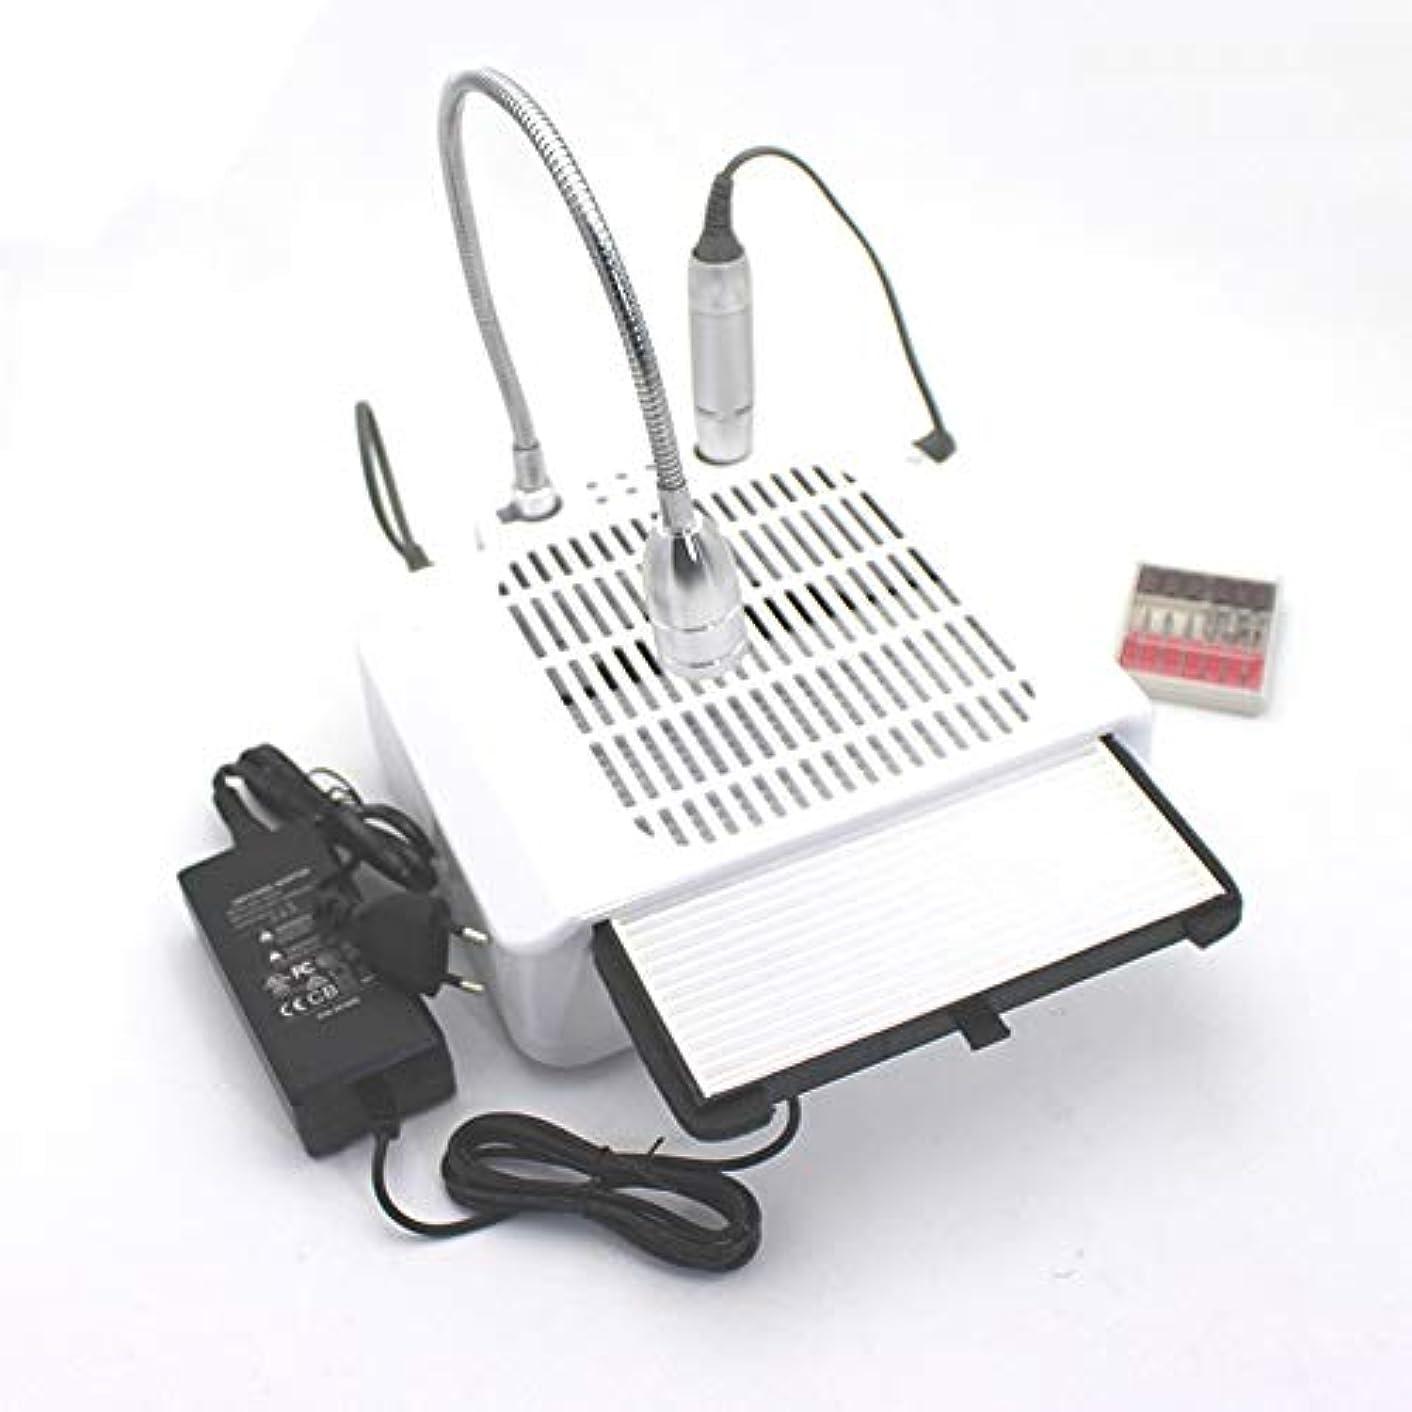 打ち上げるソーセージ取り組む60W 3 in 1電気ネイルドリルアート集塵機吸引機デスクランプマニキュアペディキュアネイルアート機器ネイルドリル